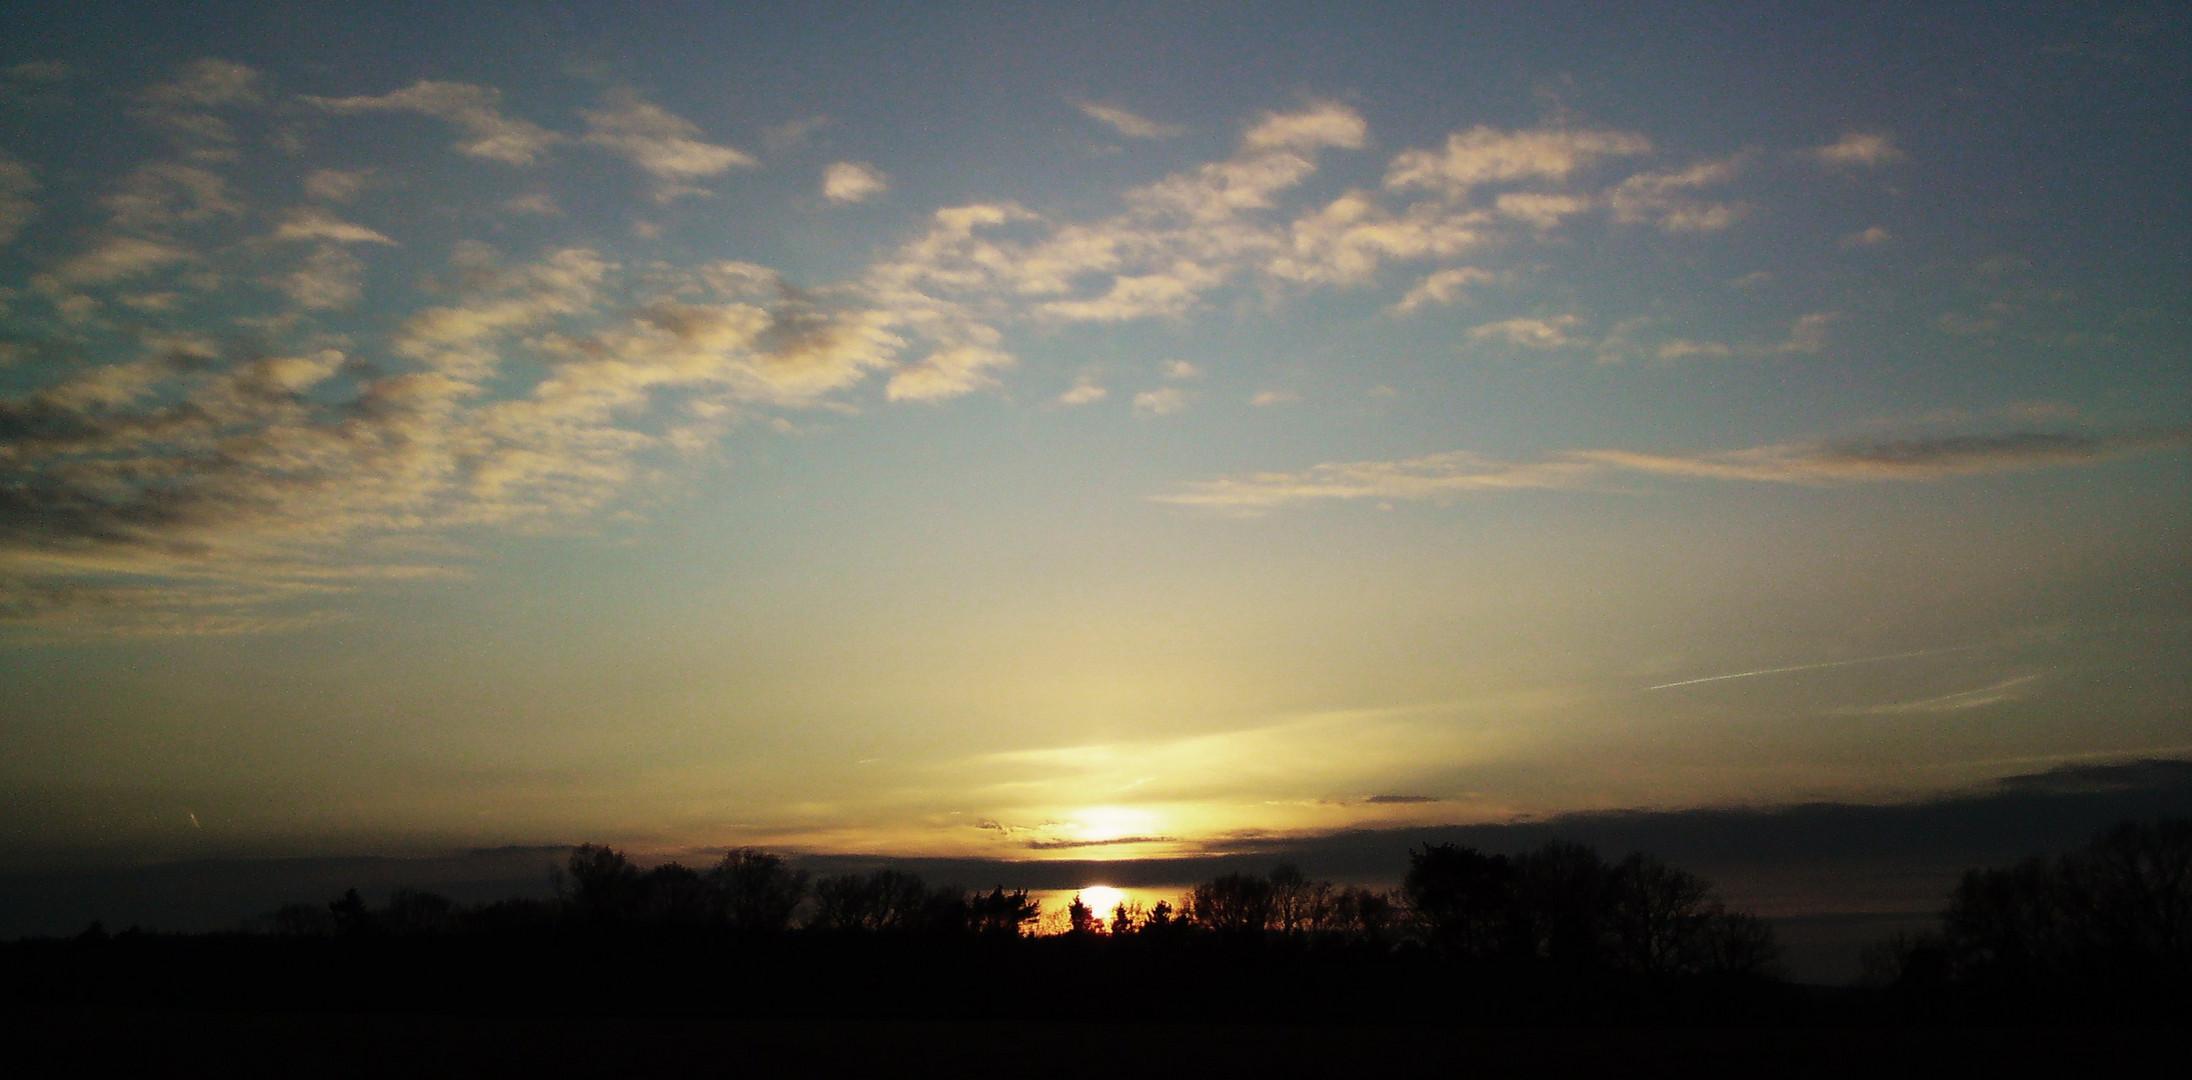 Ein Tag geht zur Neige..das Licht geht zur Ruh'